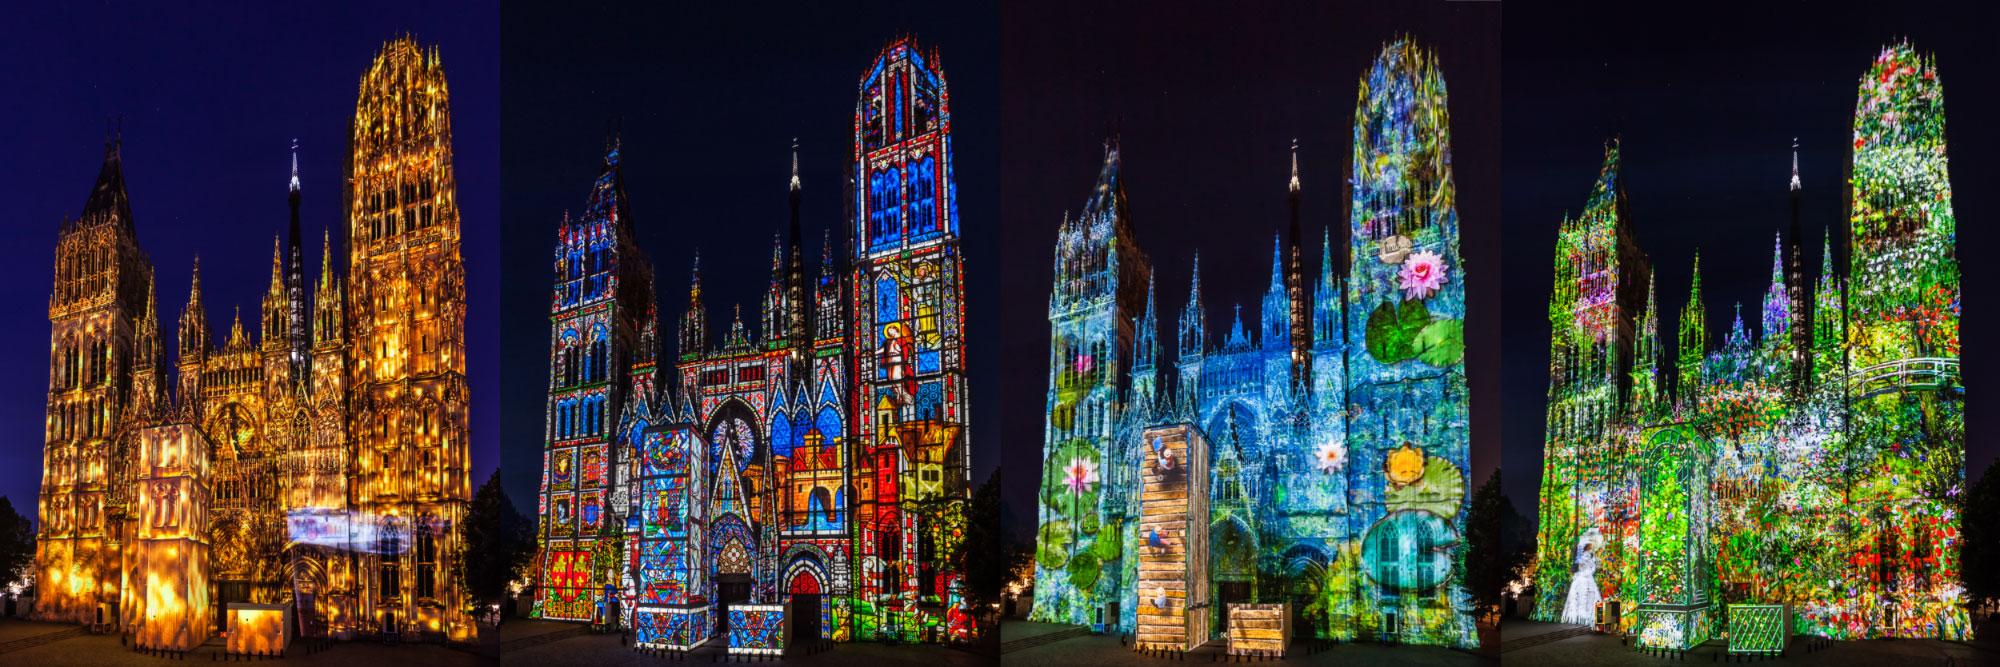 Spectacle de projection sur la cathédrale (créations de Cosmo au), Rouen